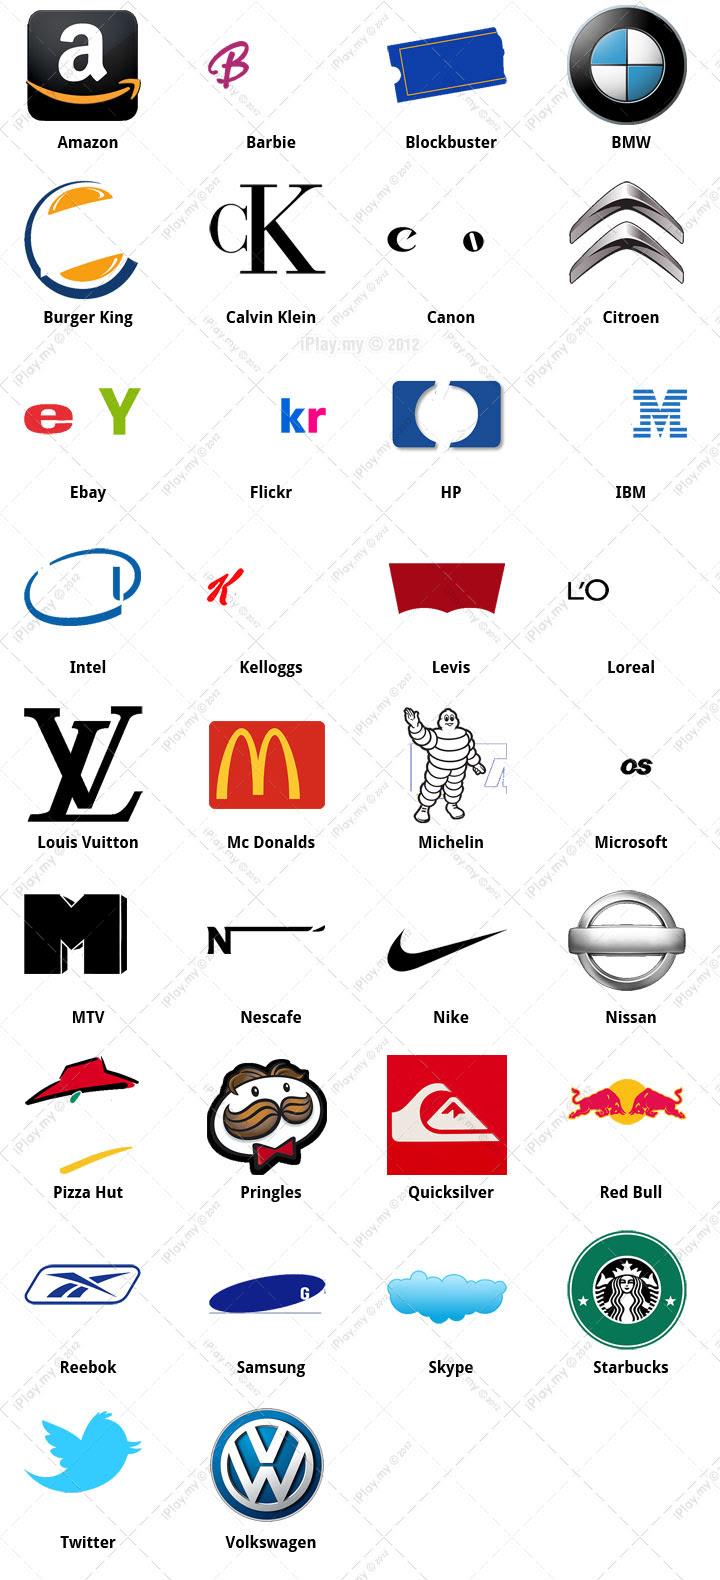 ответы на квиз лого квиз ответы с картинками напоминает